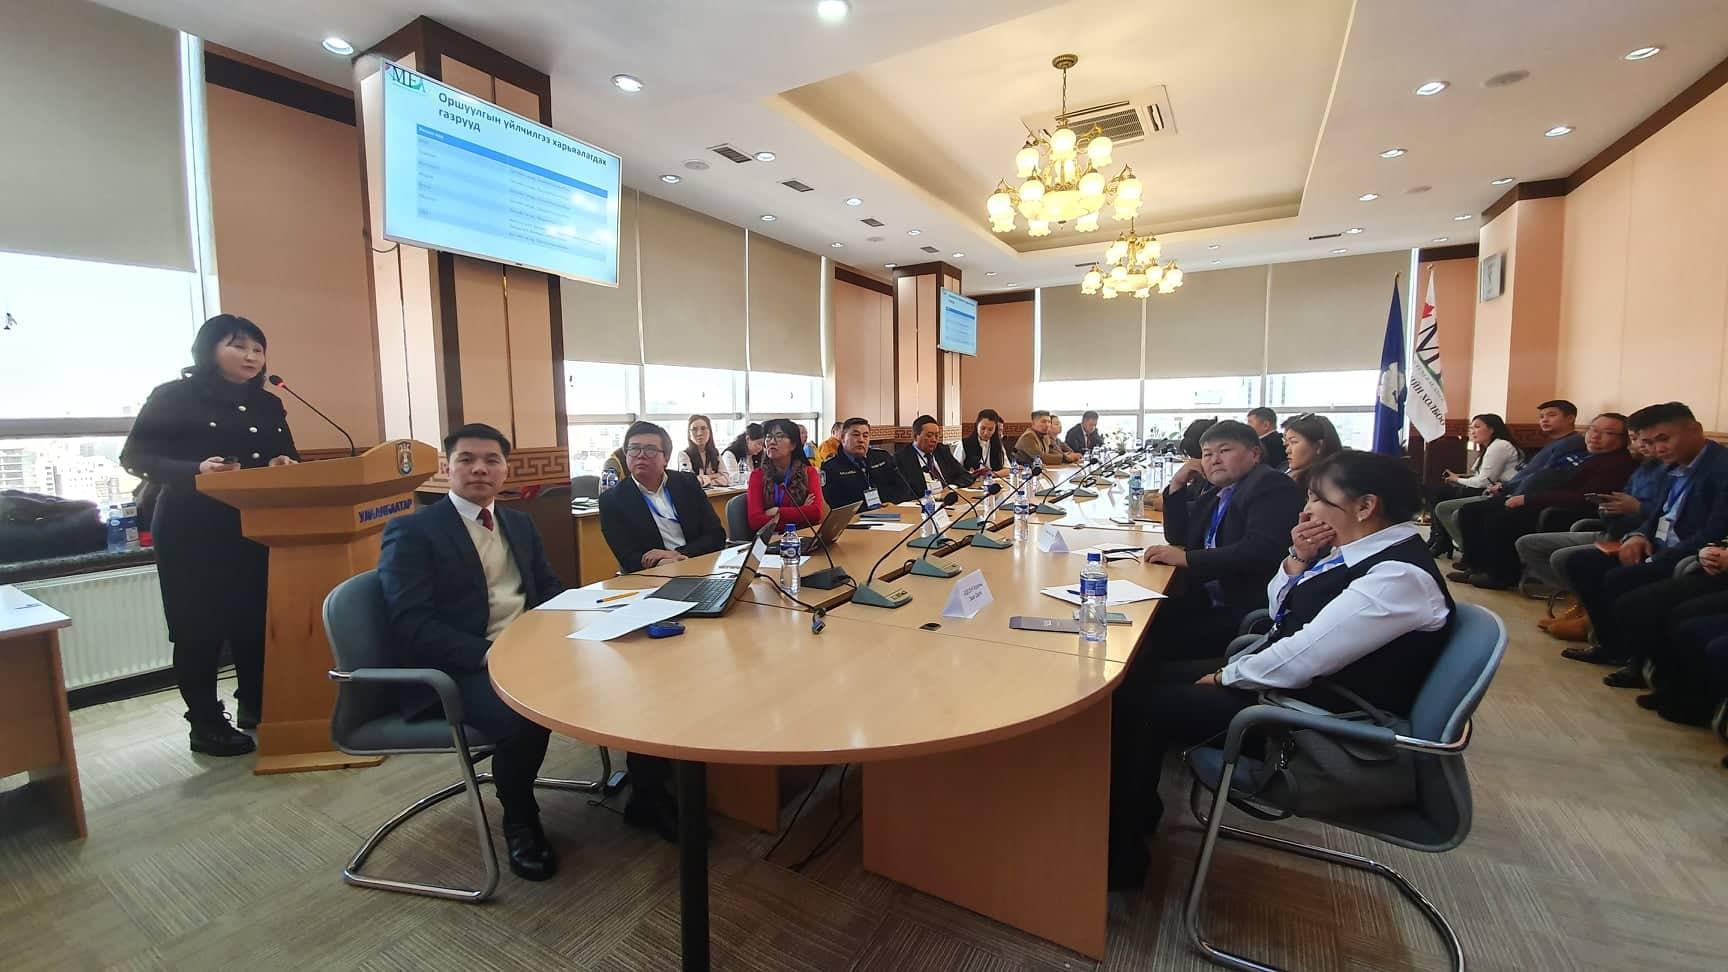 Буяны зан үйлийн холбоо ТББ-ын удирдах зөвлөлийн ээлжит хурал болж байна